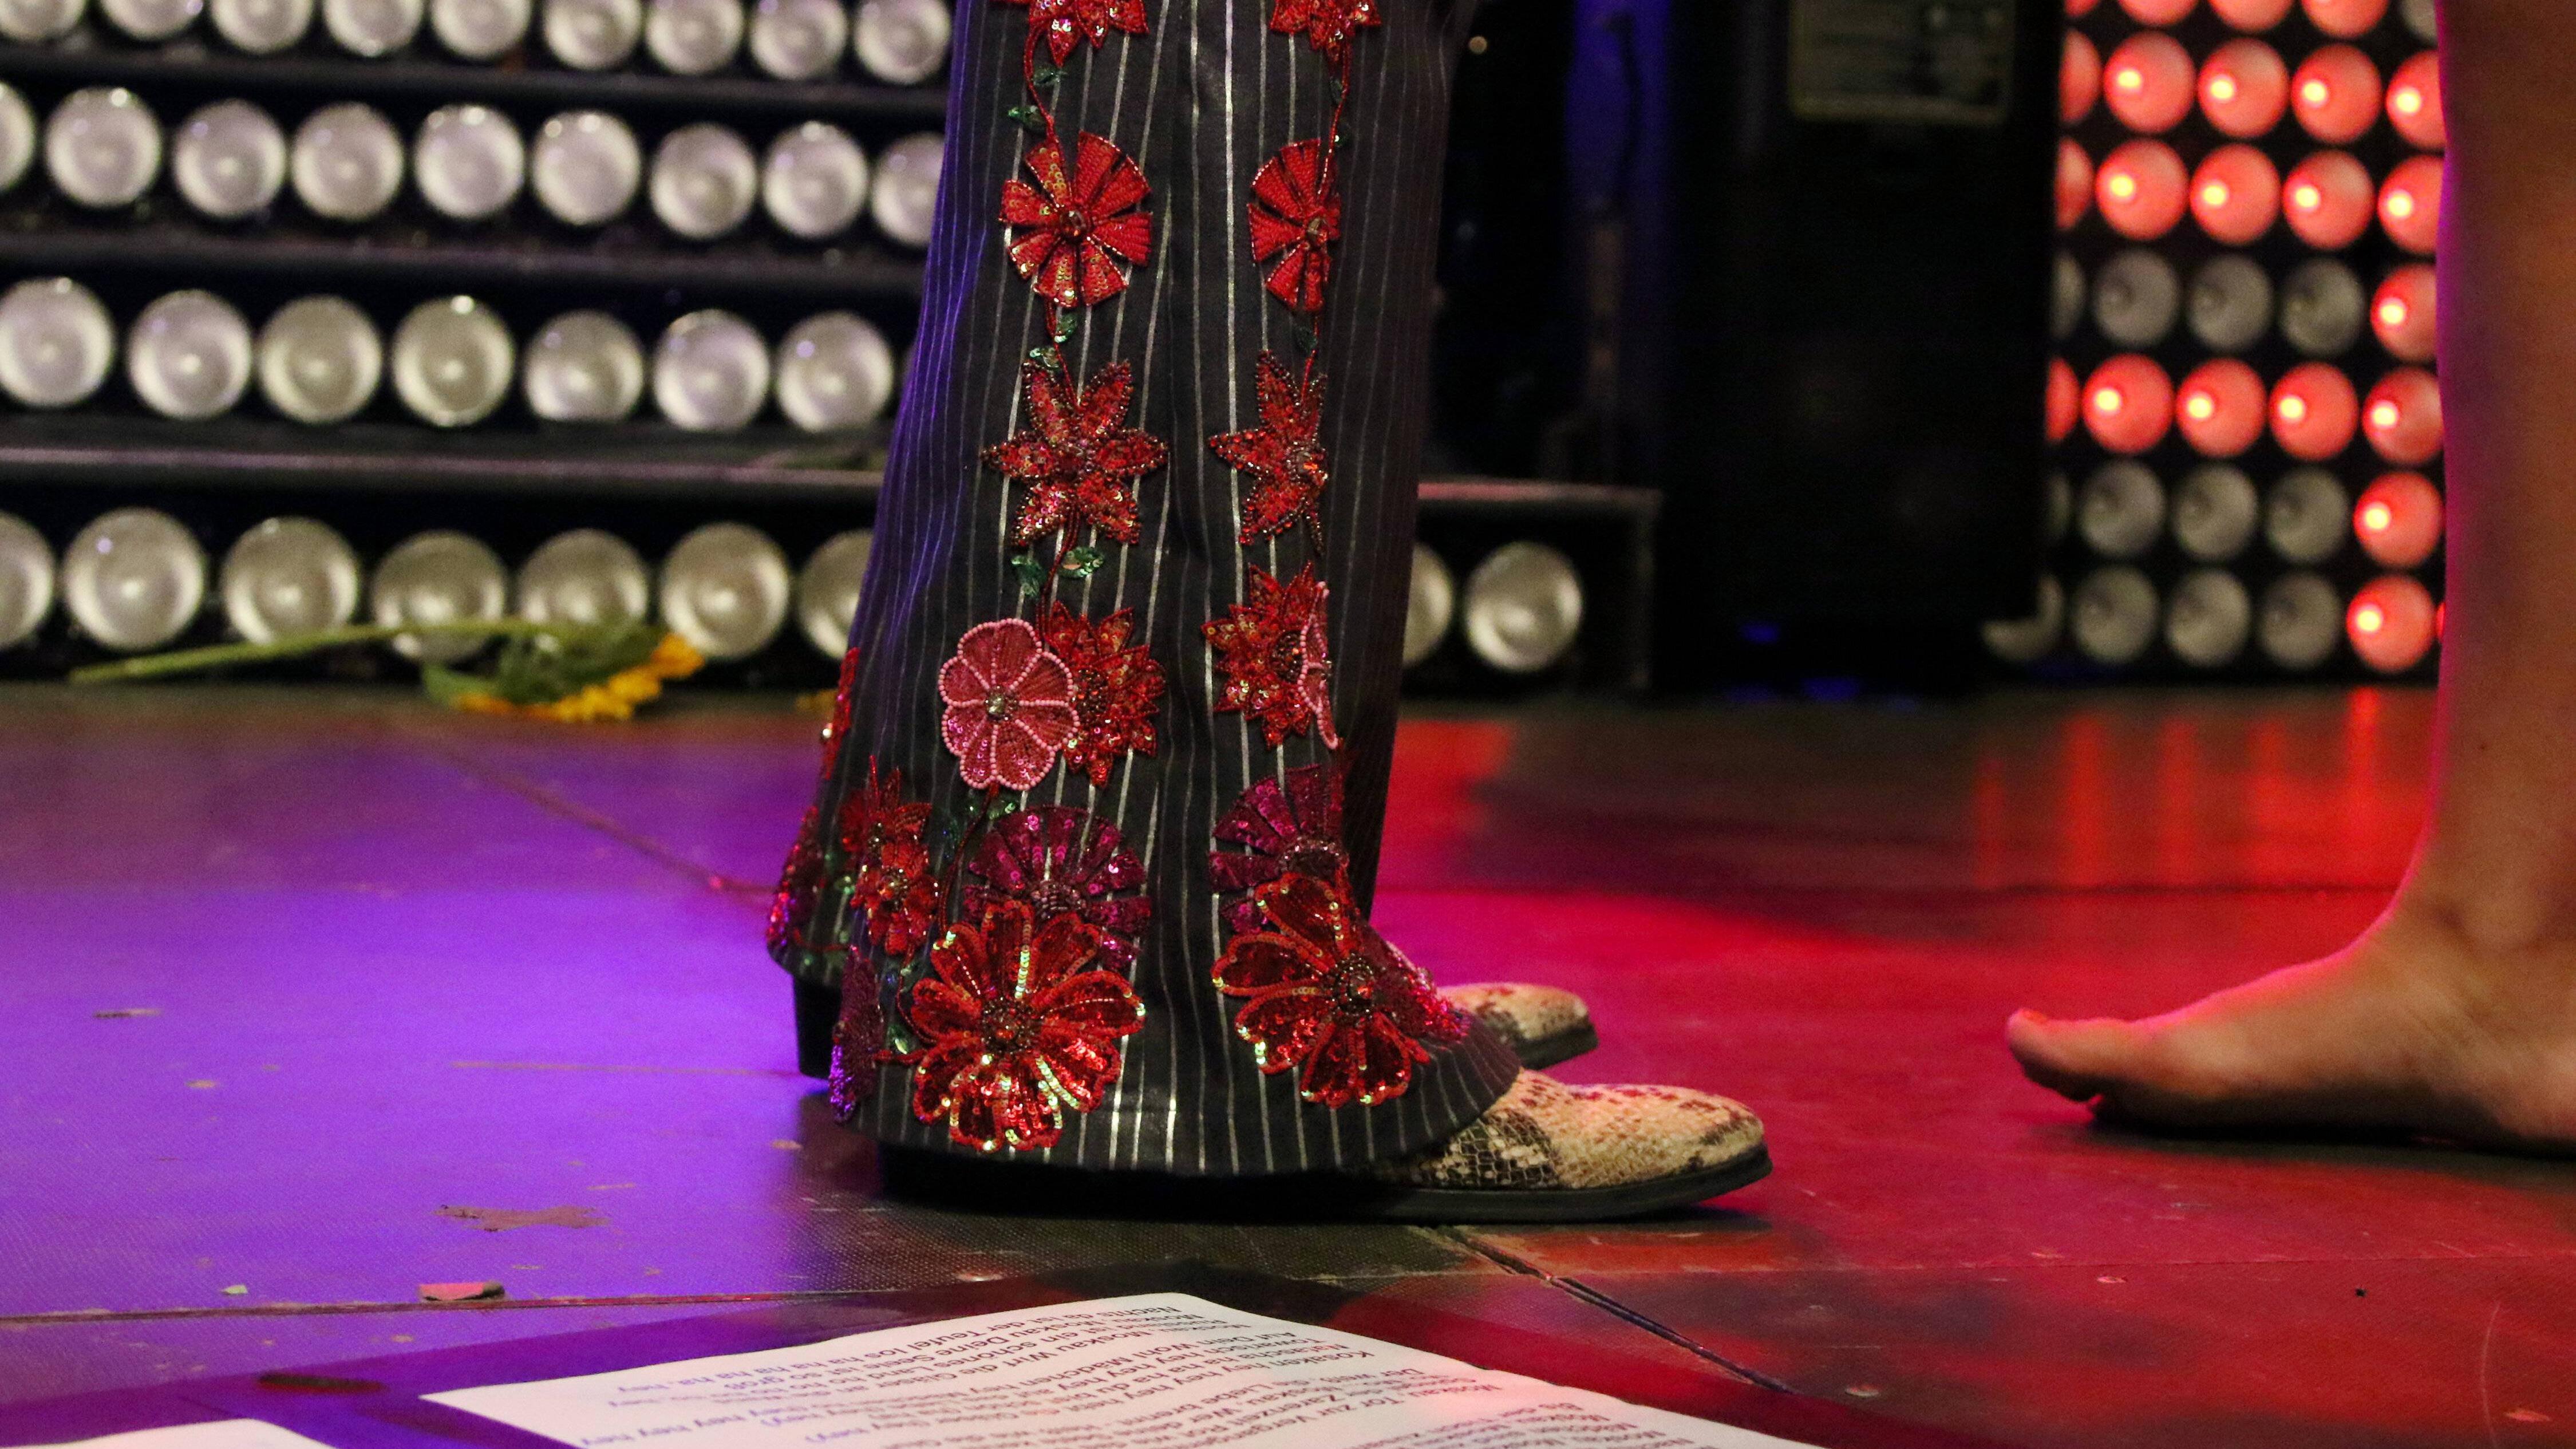 Die Schlaghose symbolisiert die Mode der 70er Jahre.